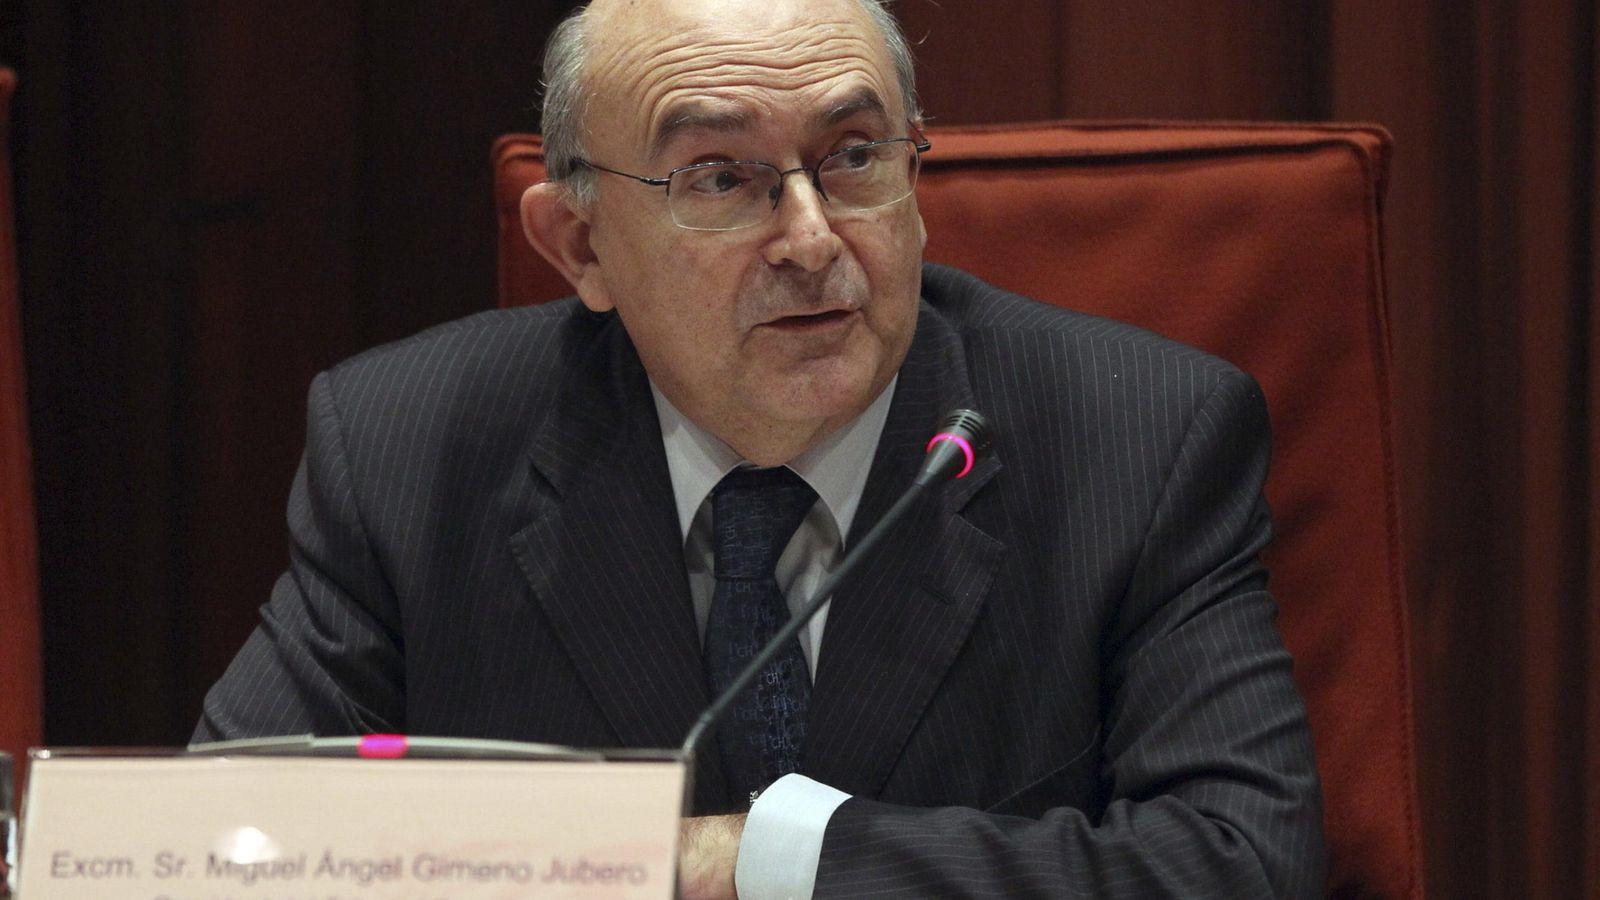 Foto: Miguel Ángel Gimeno ha asumido hoy la jefatura de la Oficina Antifraude de Cataluña. (EFE)